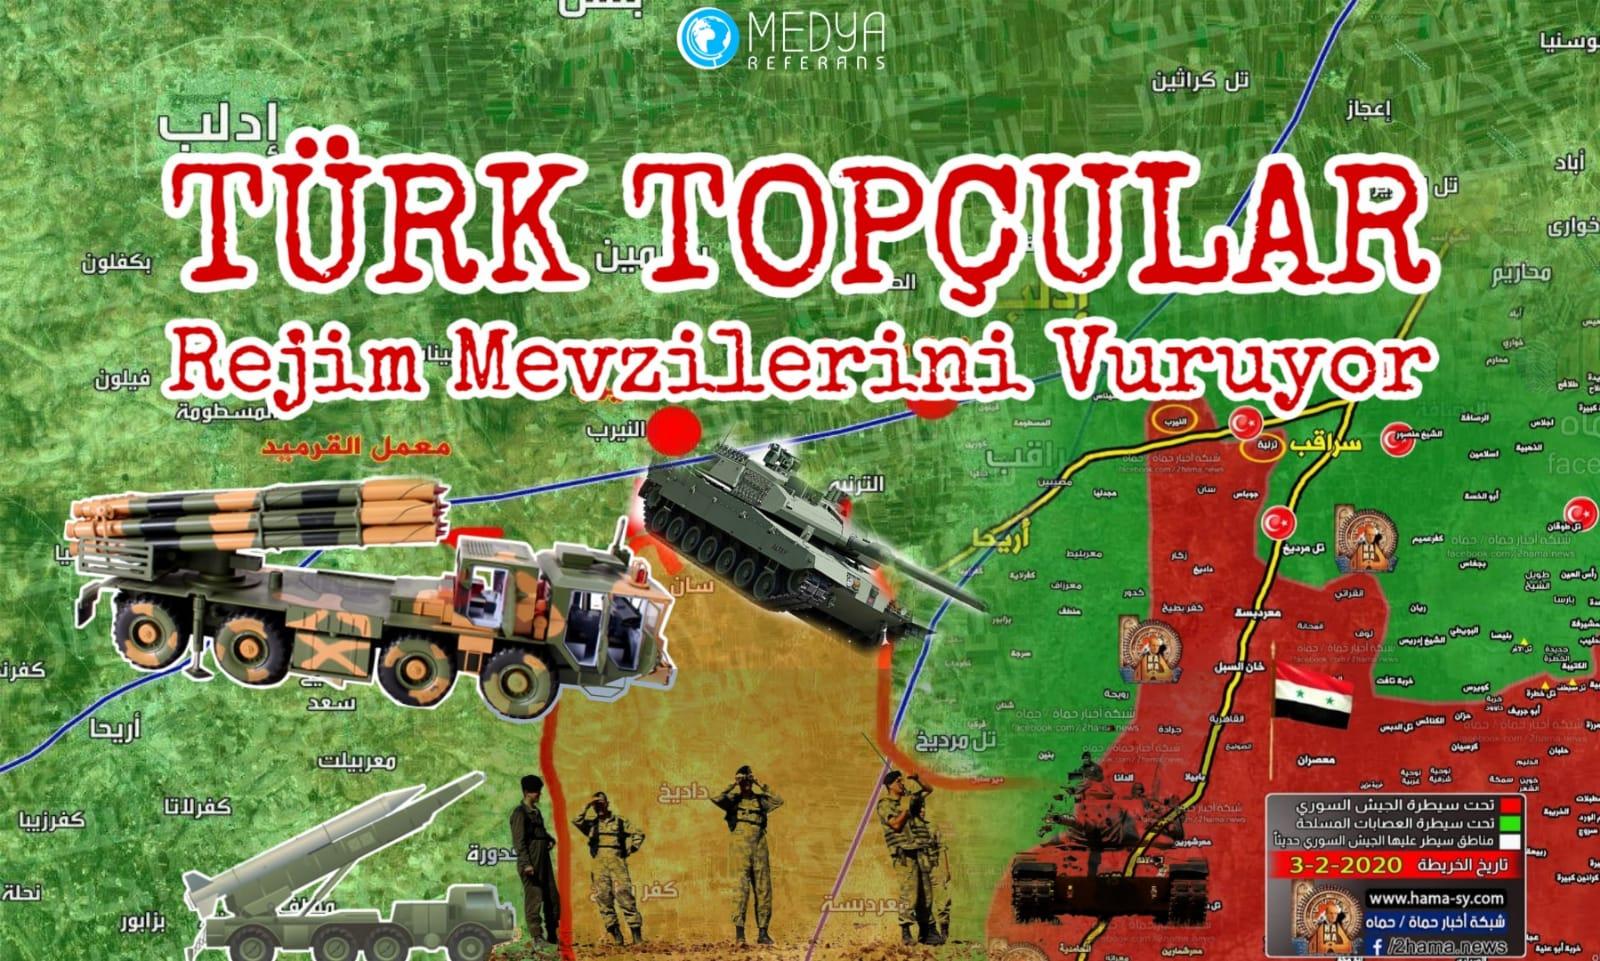 Türk Topçular Rejim Mevzilerini Vuruyor